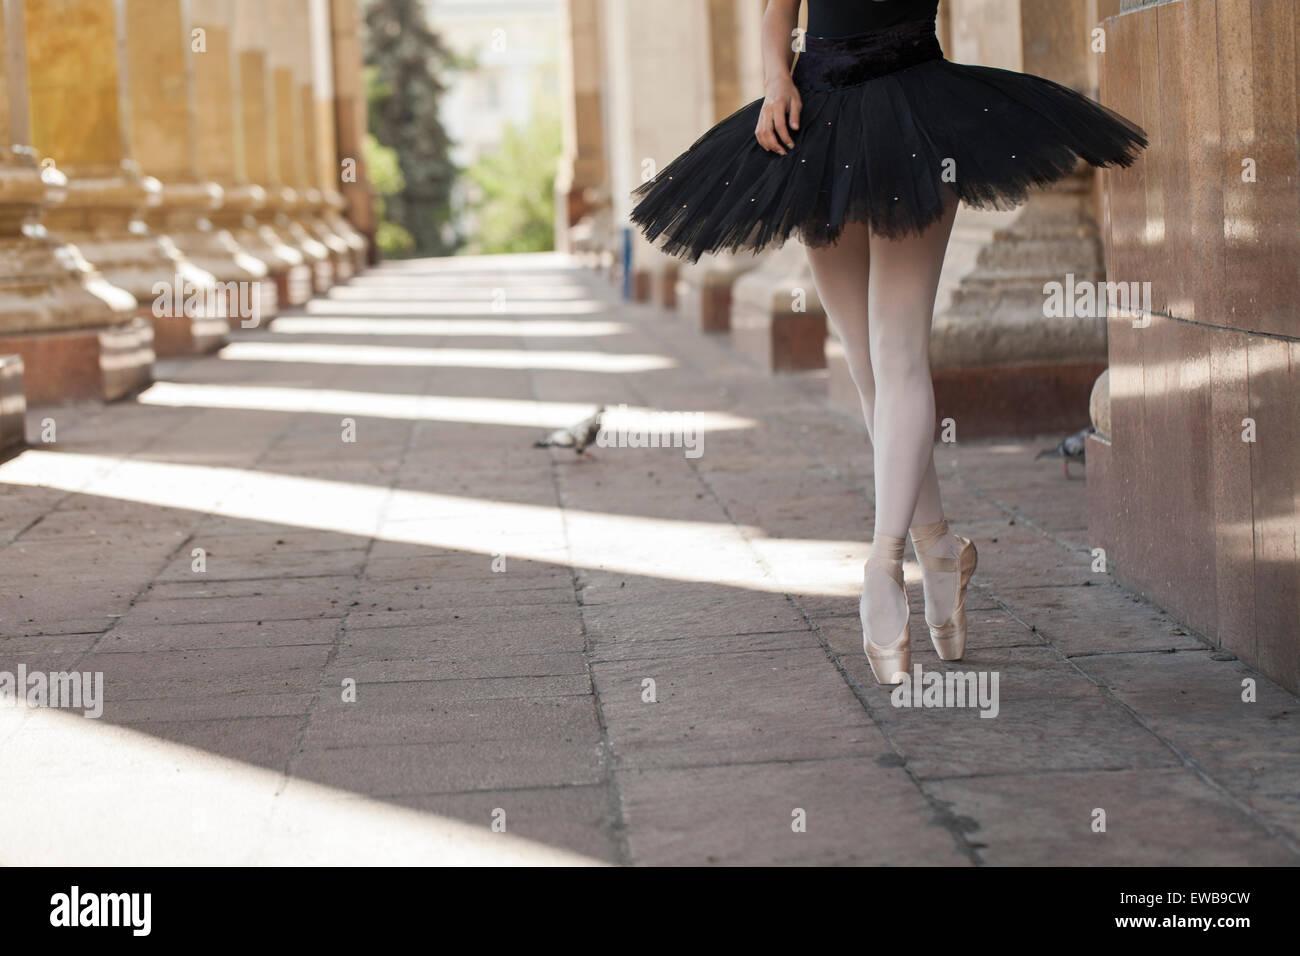 Mädchen-Ballerinas auf Zehenspitzen stehend Stockbild